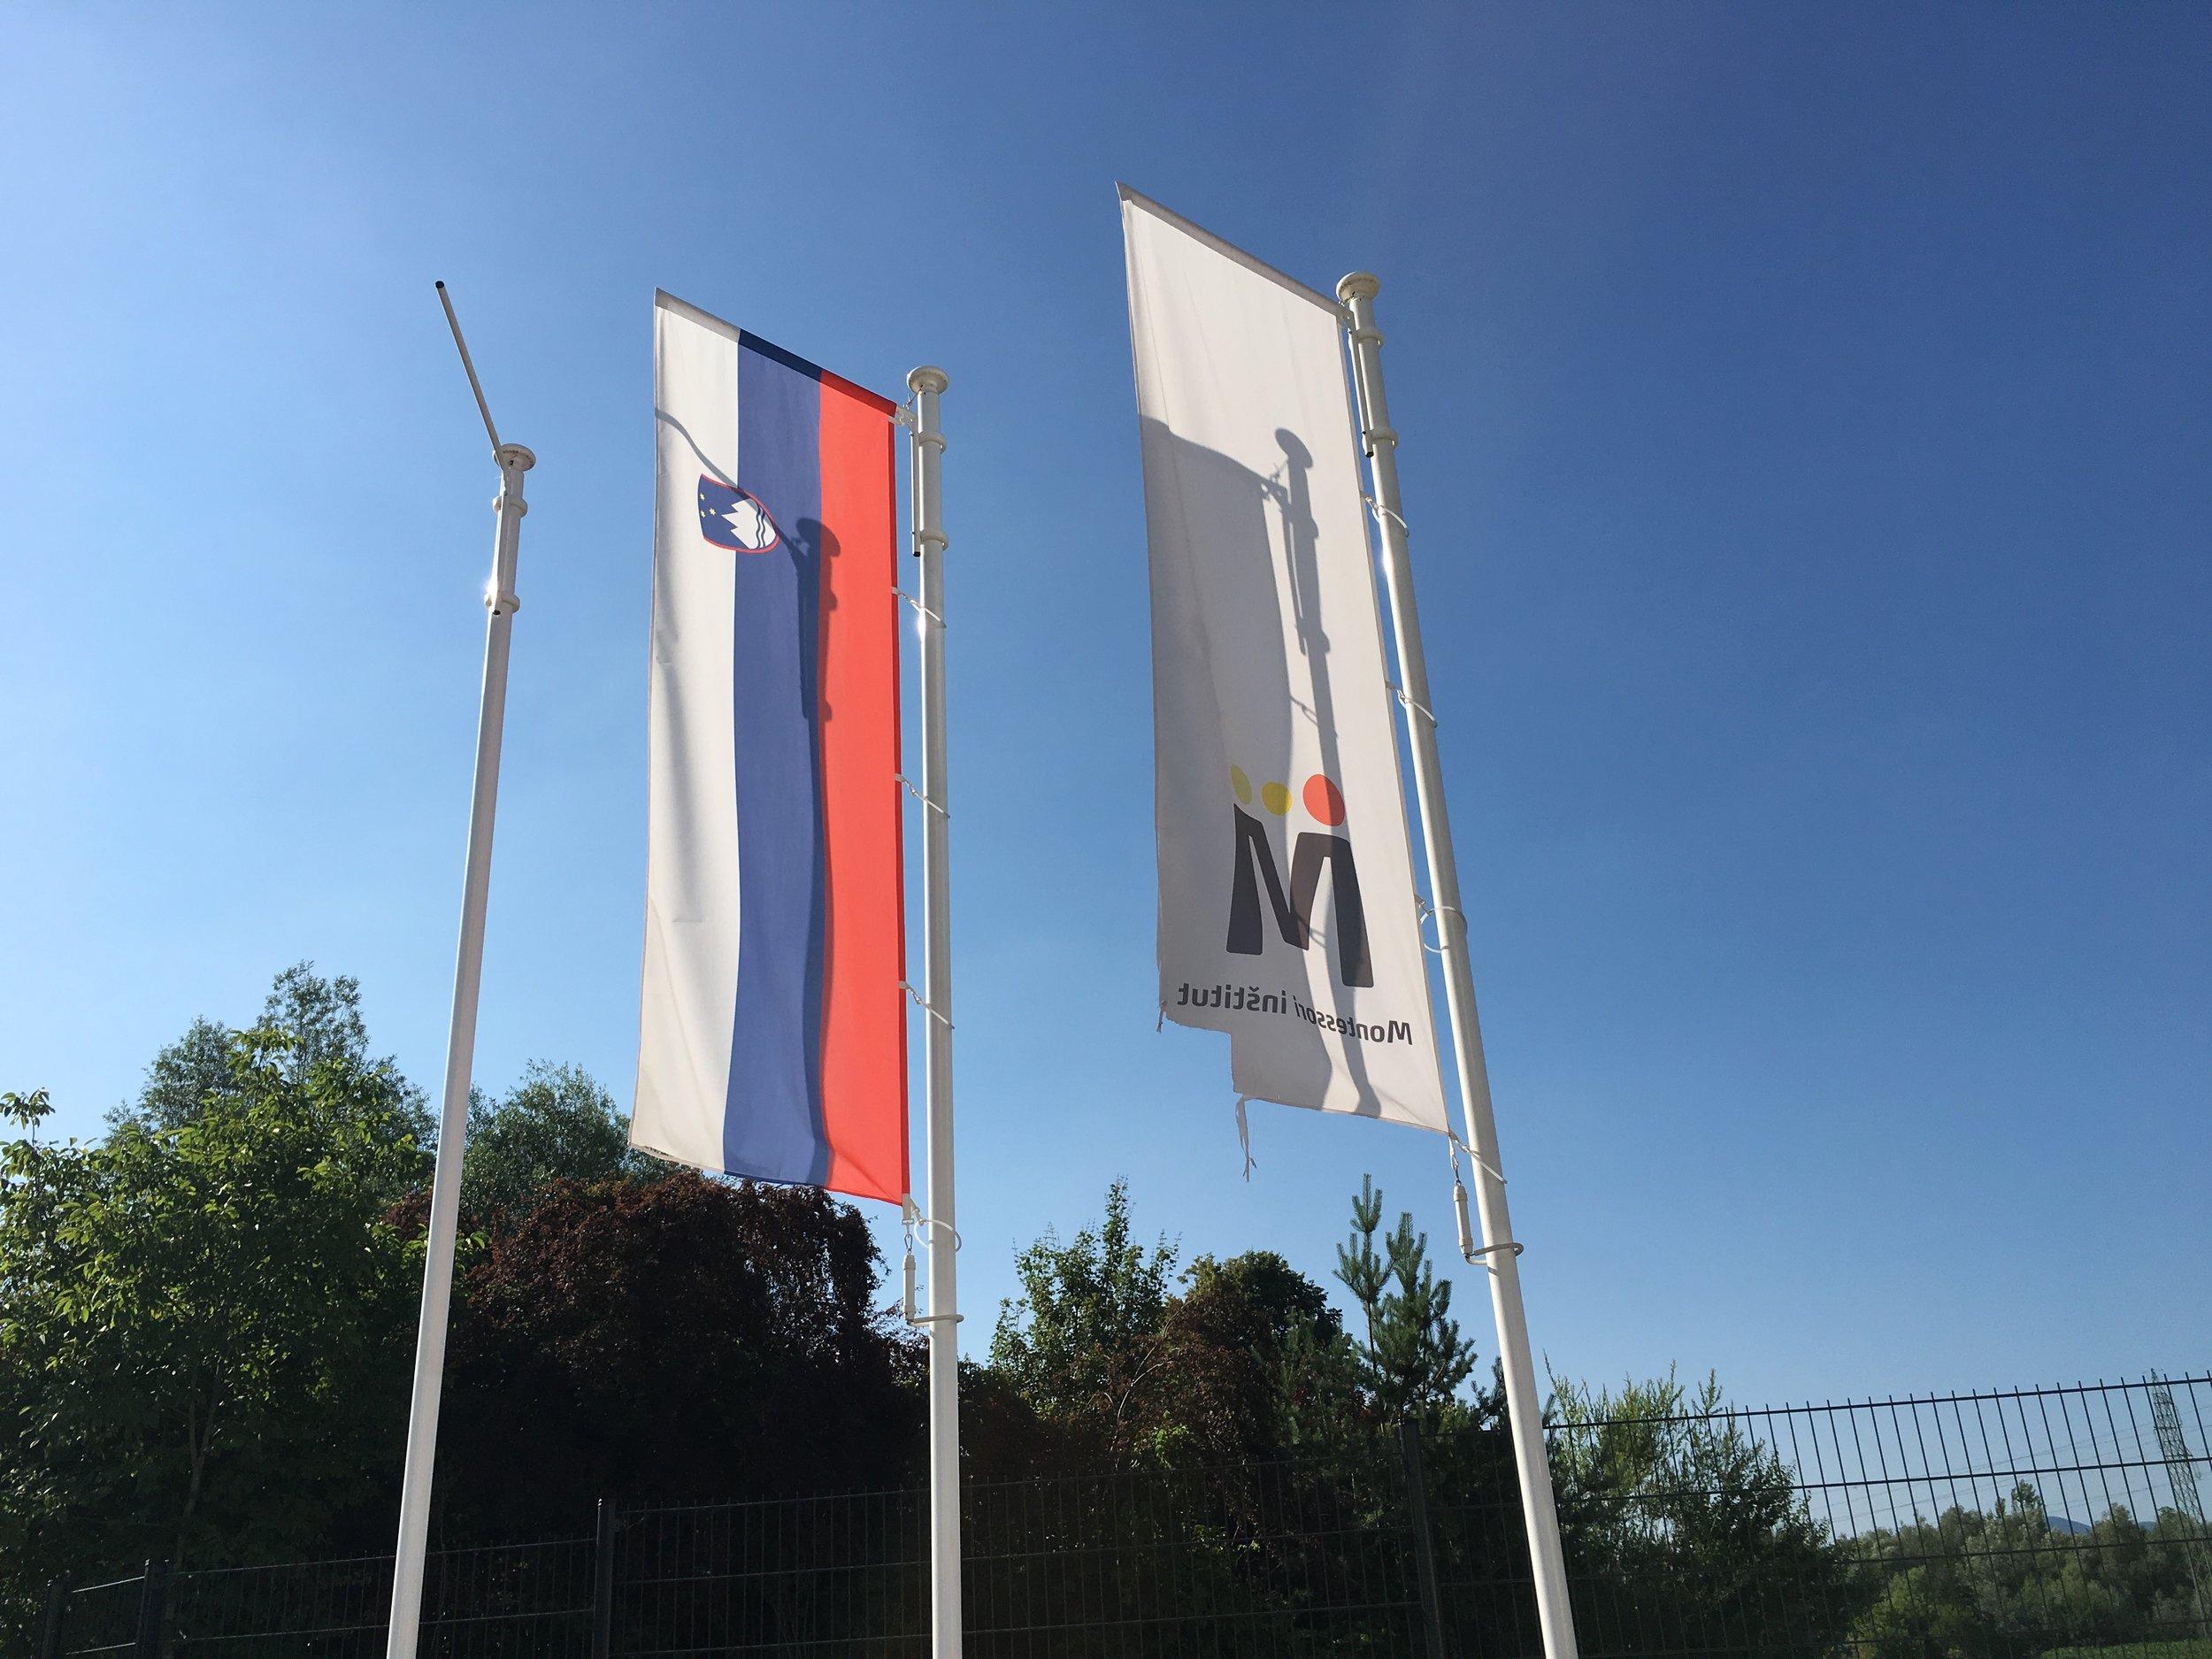 Slovenian flag and school flag